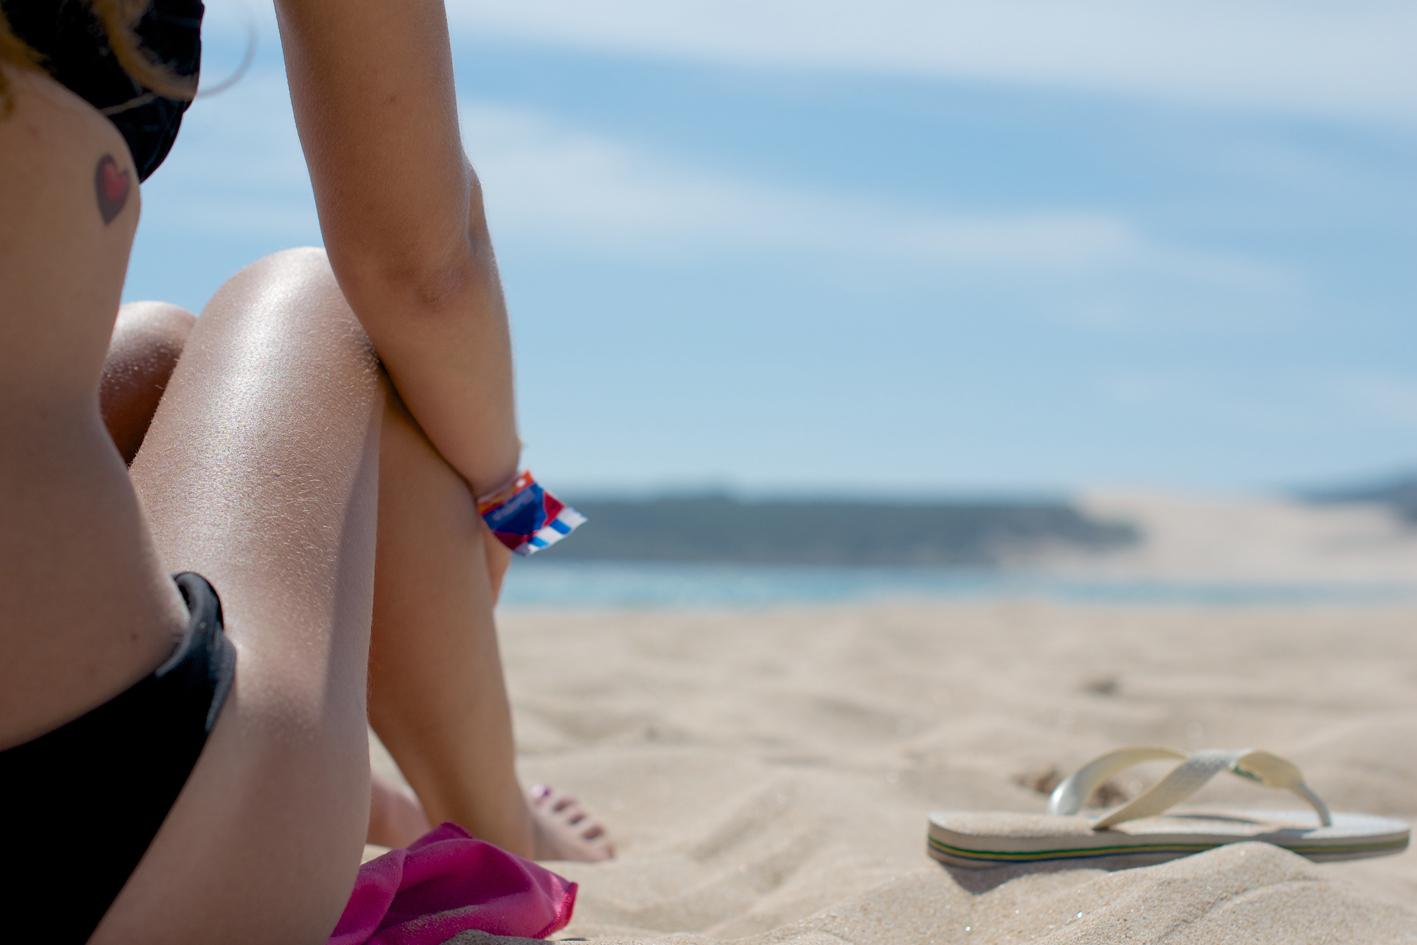 Préparer et prendre soin de sa peau au soleil - Conseils Uberti